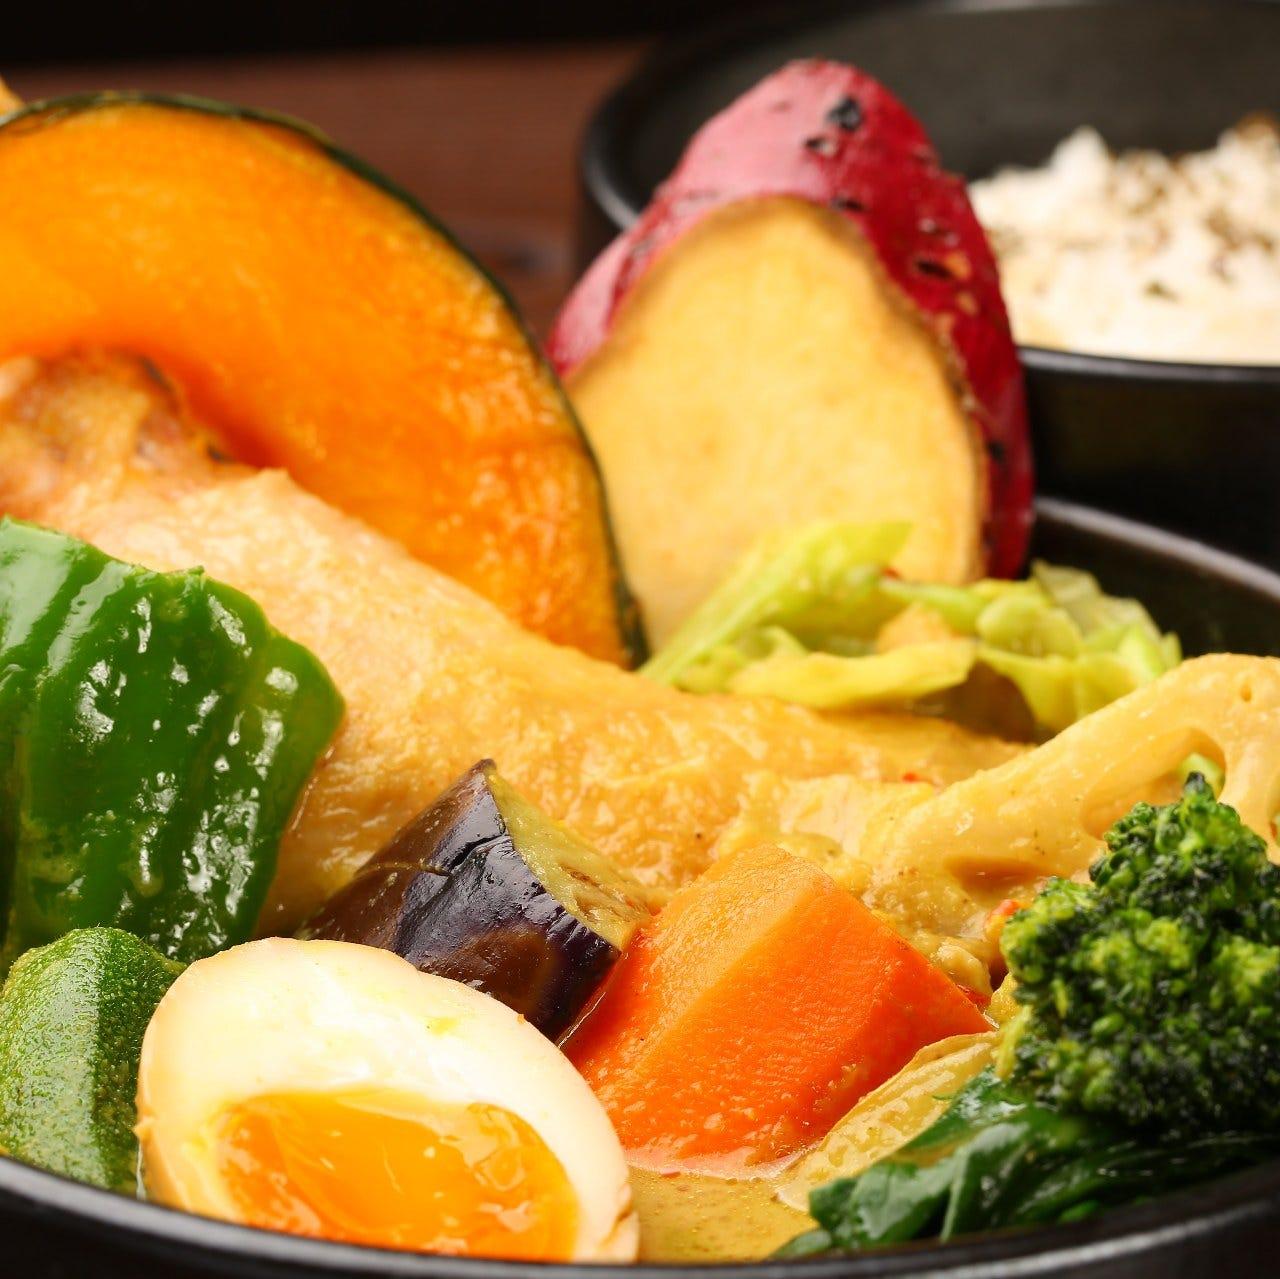 器に野菜がたくさん盛られている